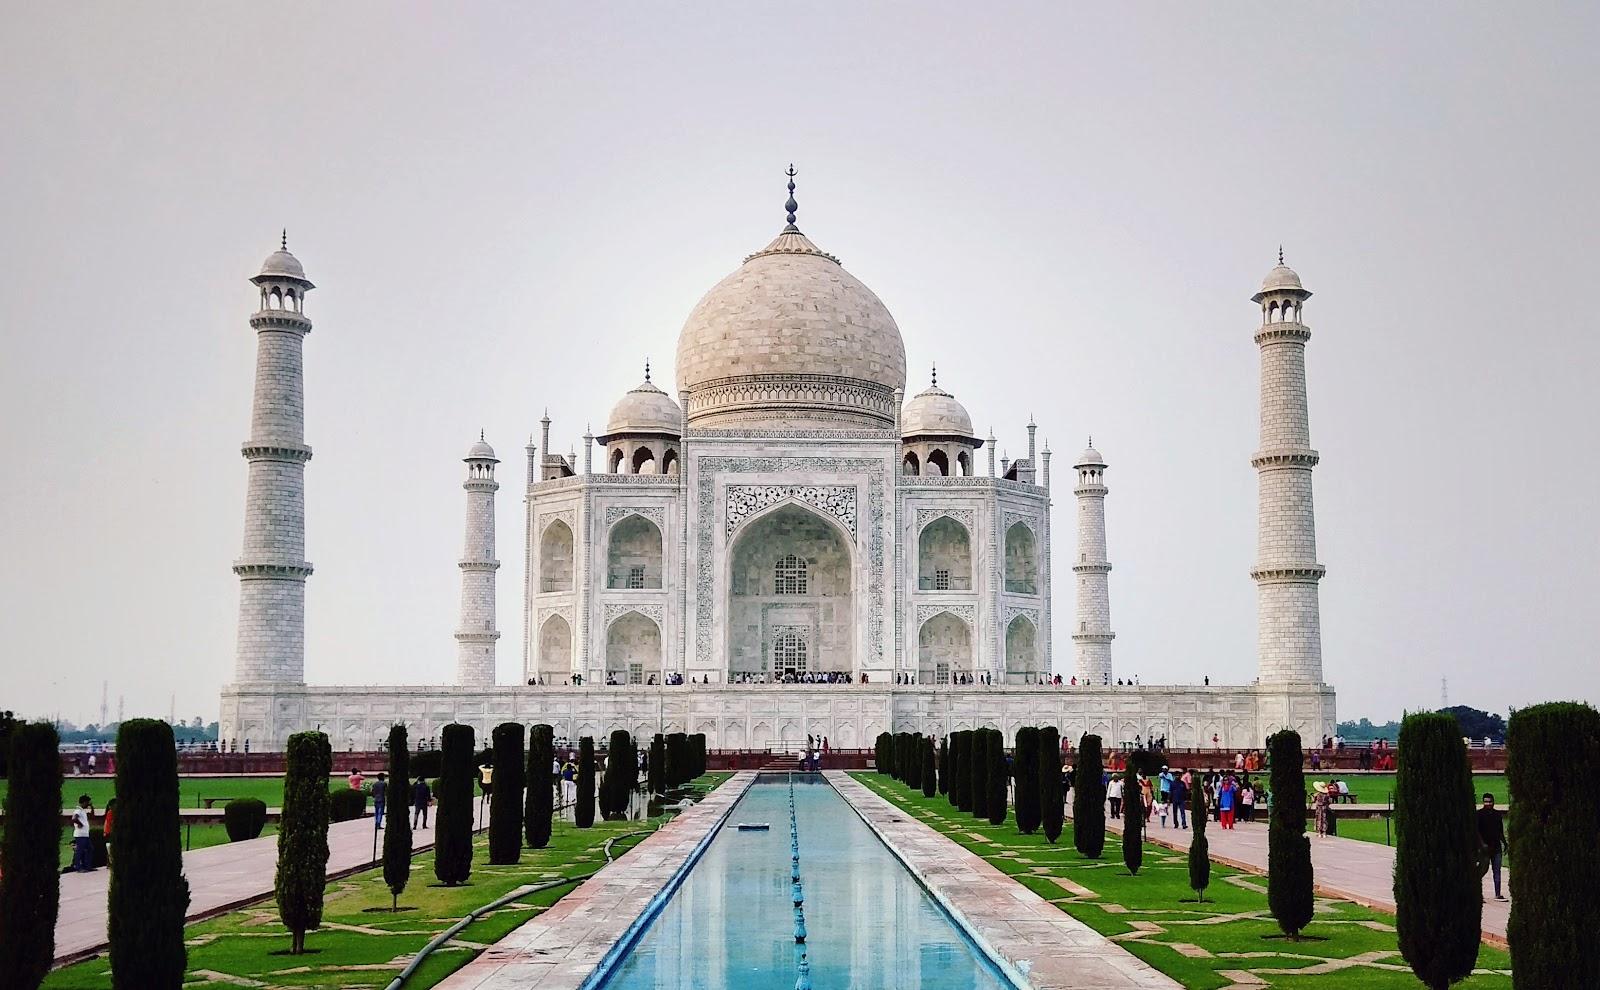 印度旅遊 注意事項景點影相